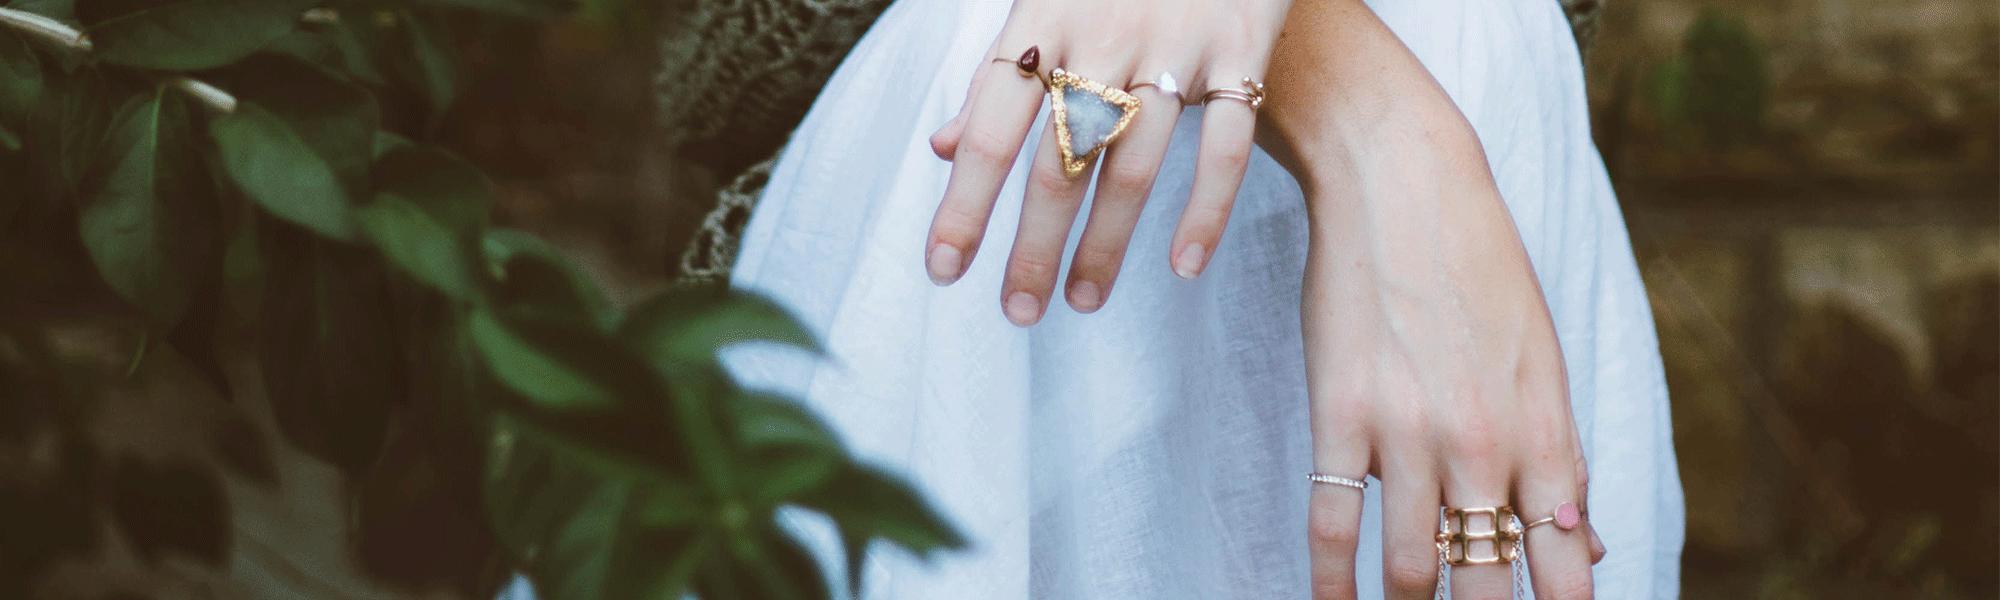 mani di modella con anelli artigianali